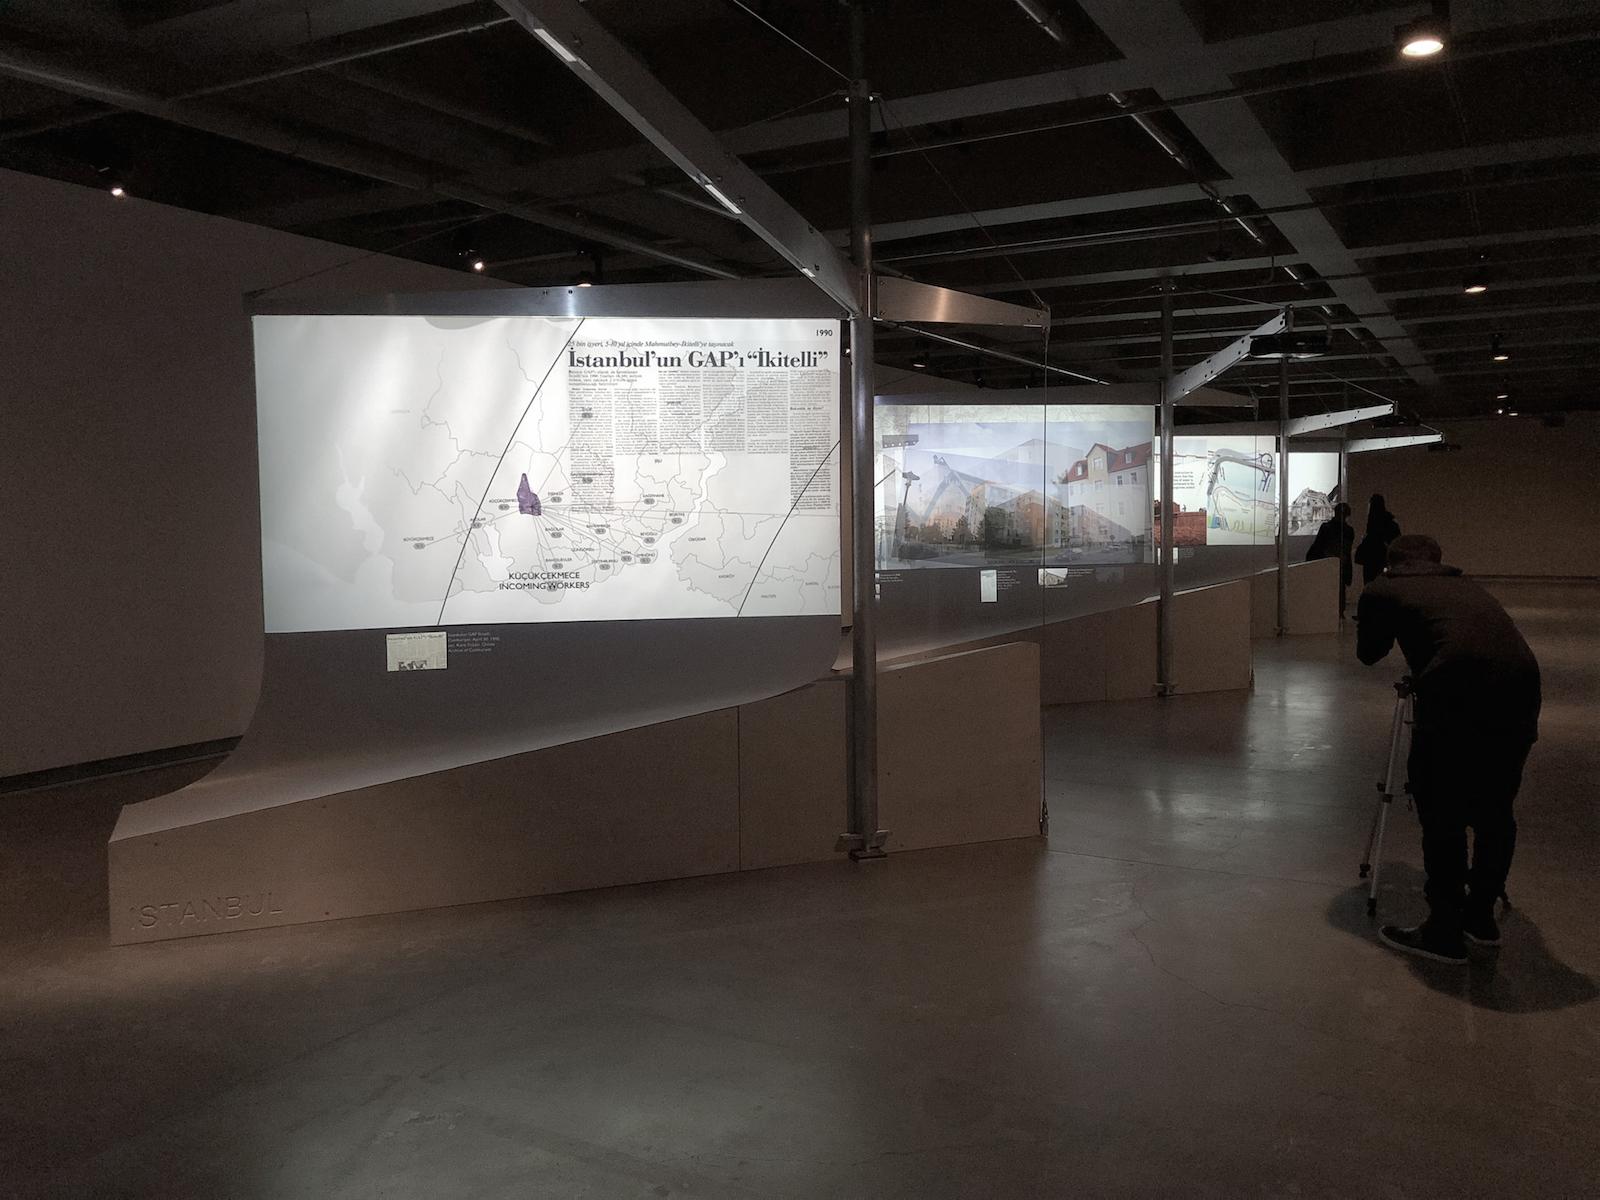 Istanbul-exhibition-still.jpg